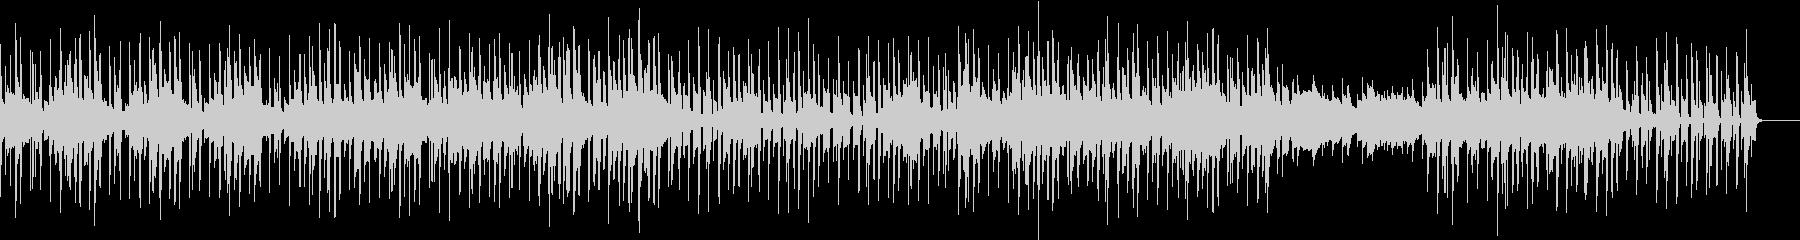 ほのぼのとした雰囲気 トリップ チルの未再生の波形